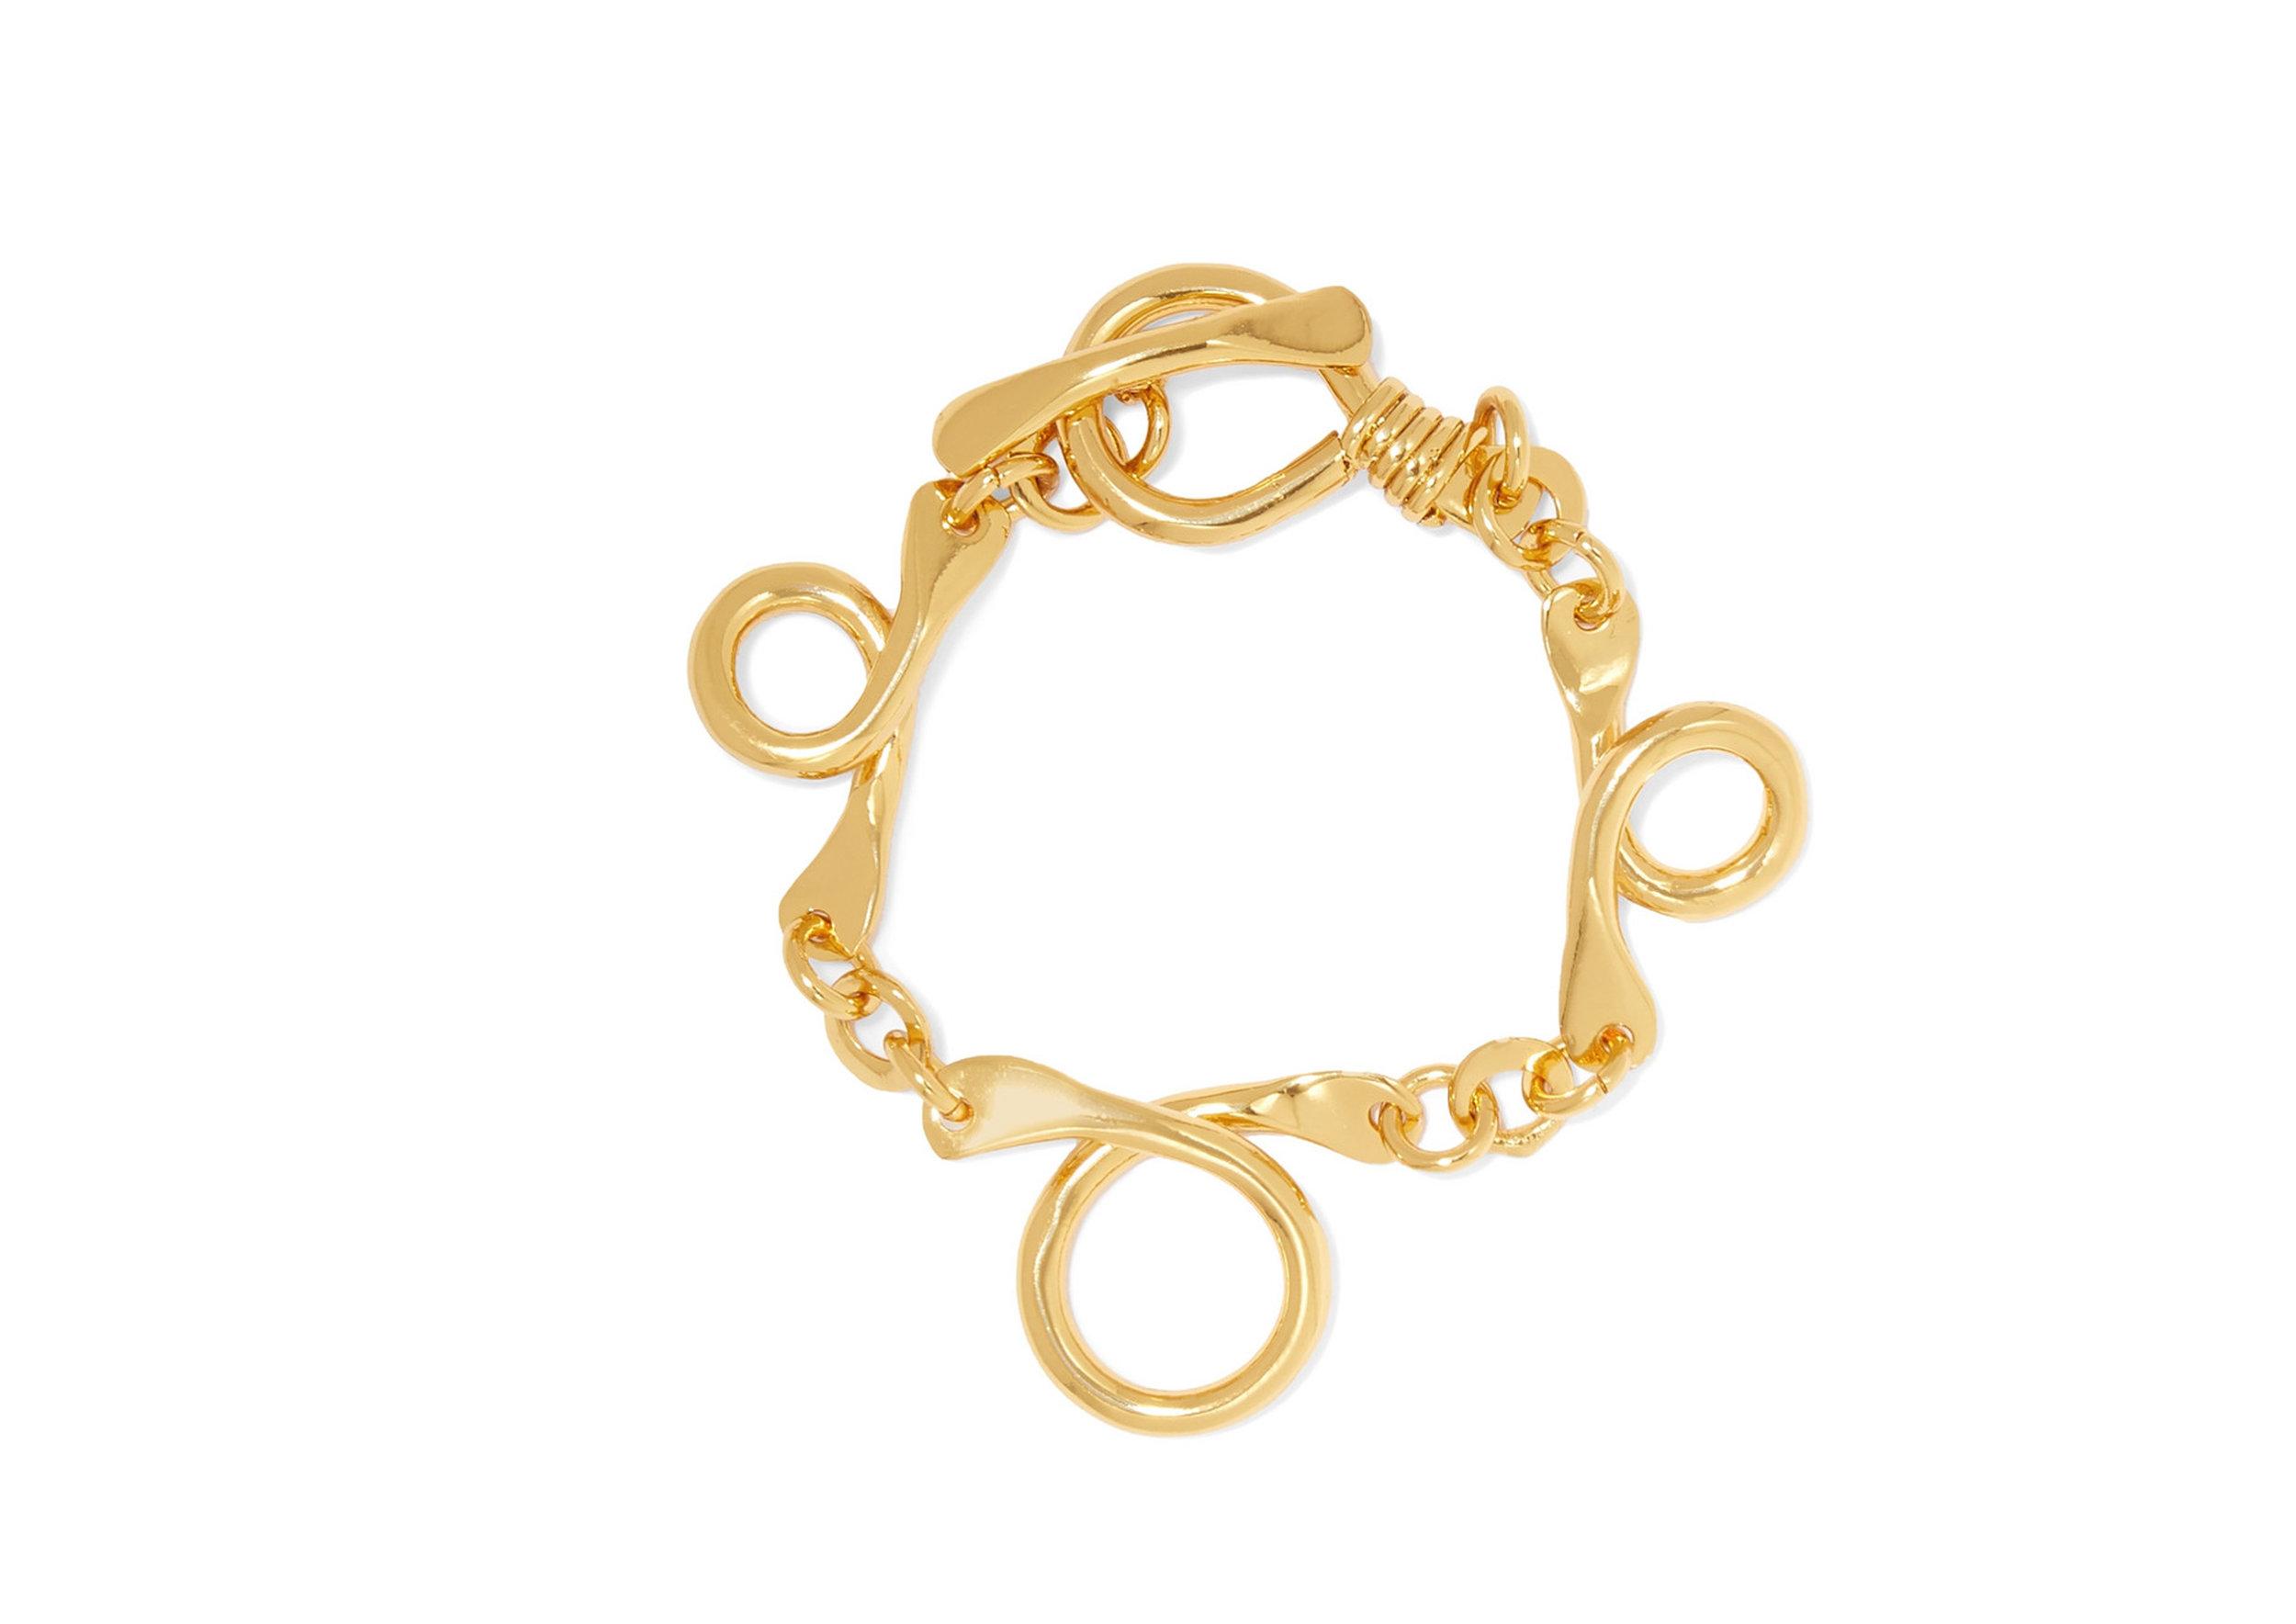 Tohum - Dunya Gold-Plated Bracelet, SGD 350